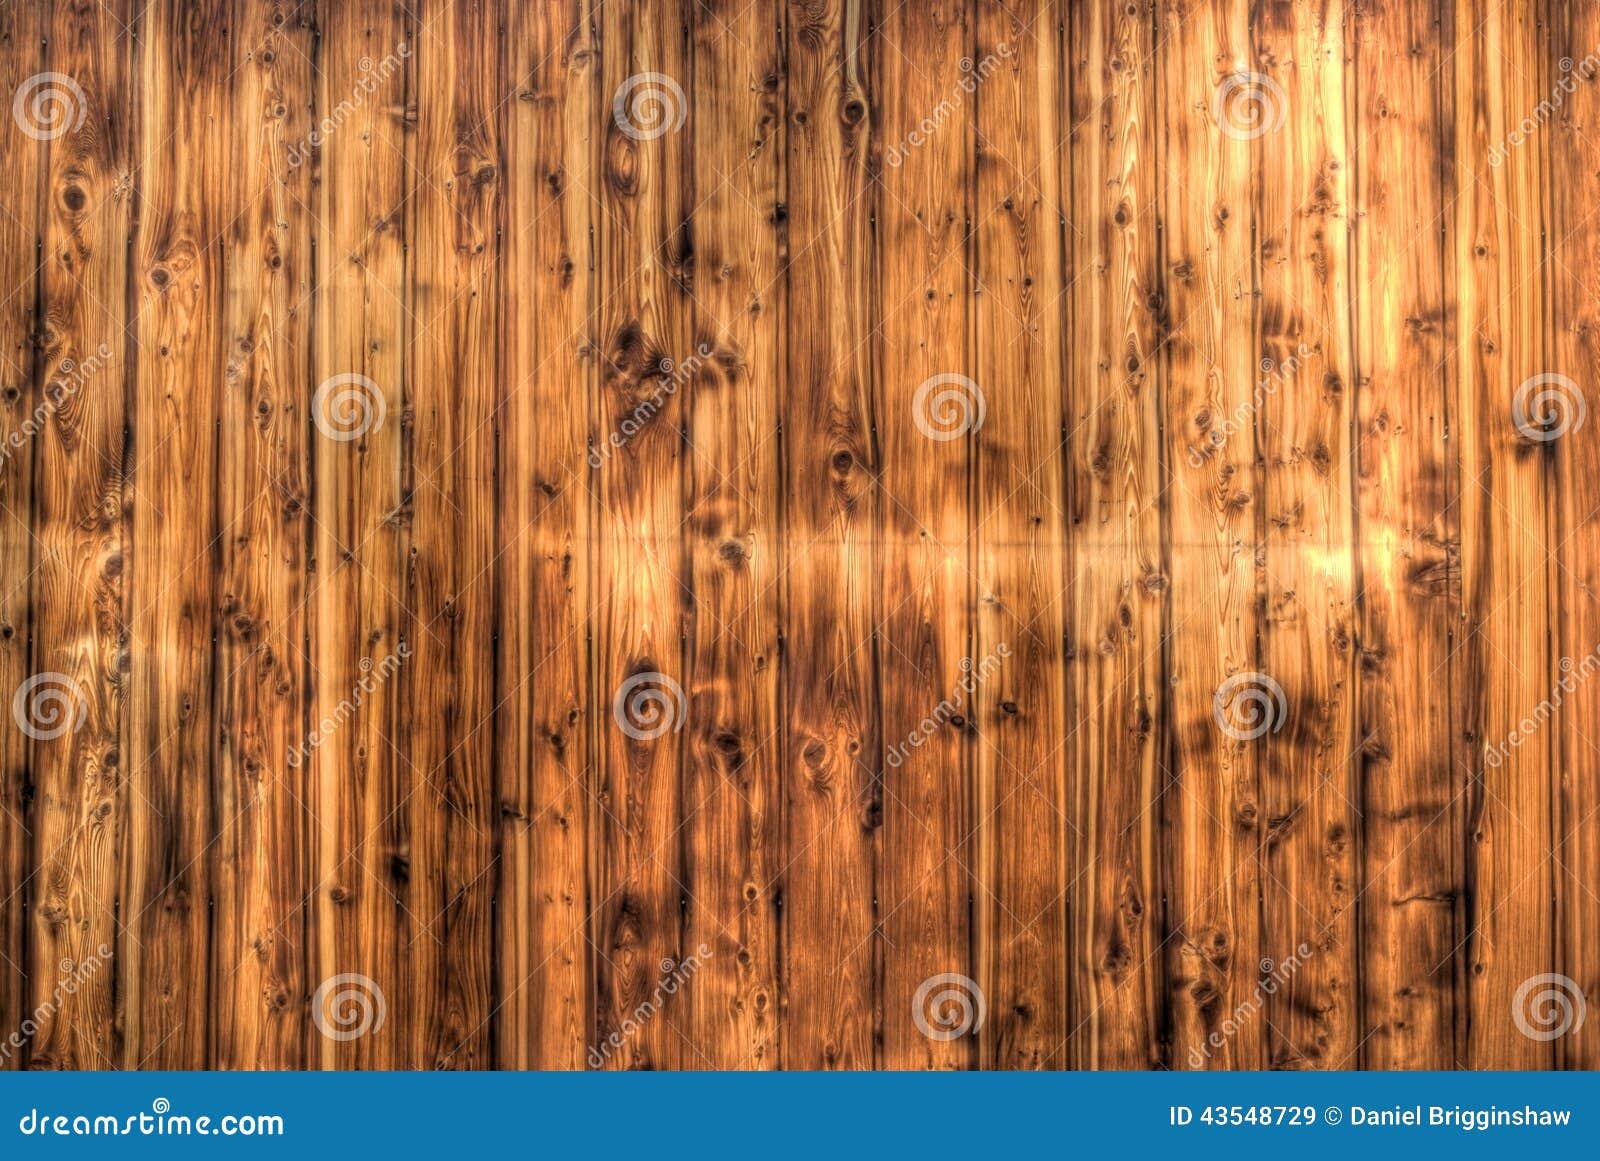 textura de madera rstica